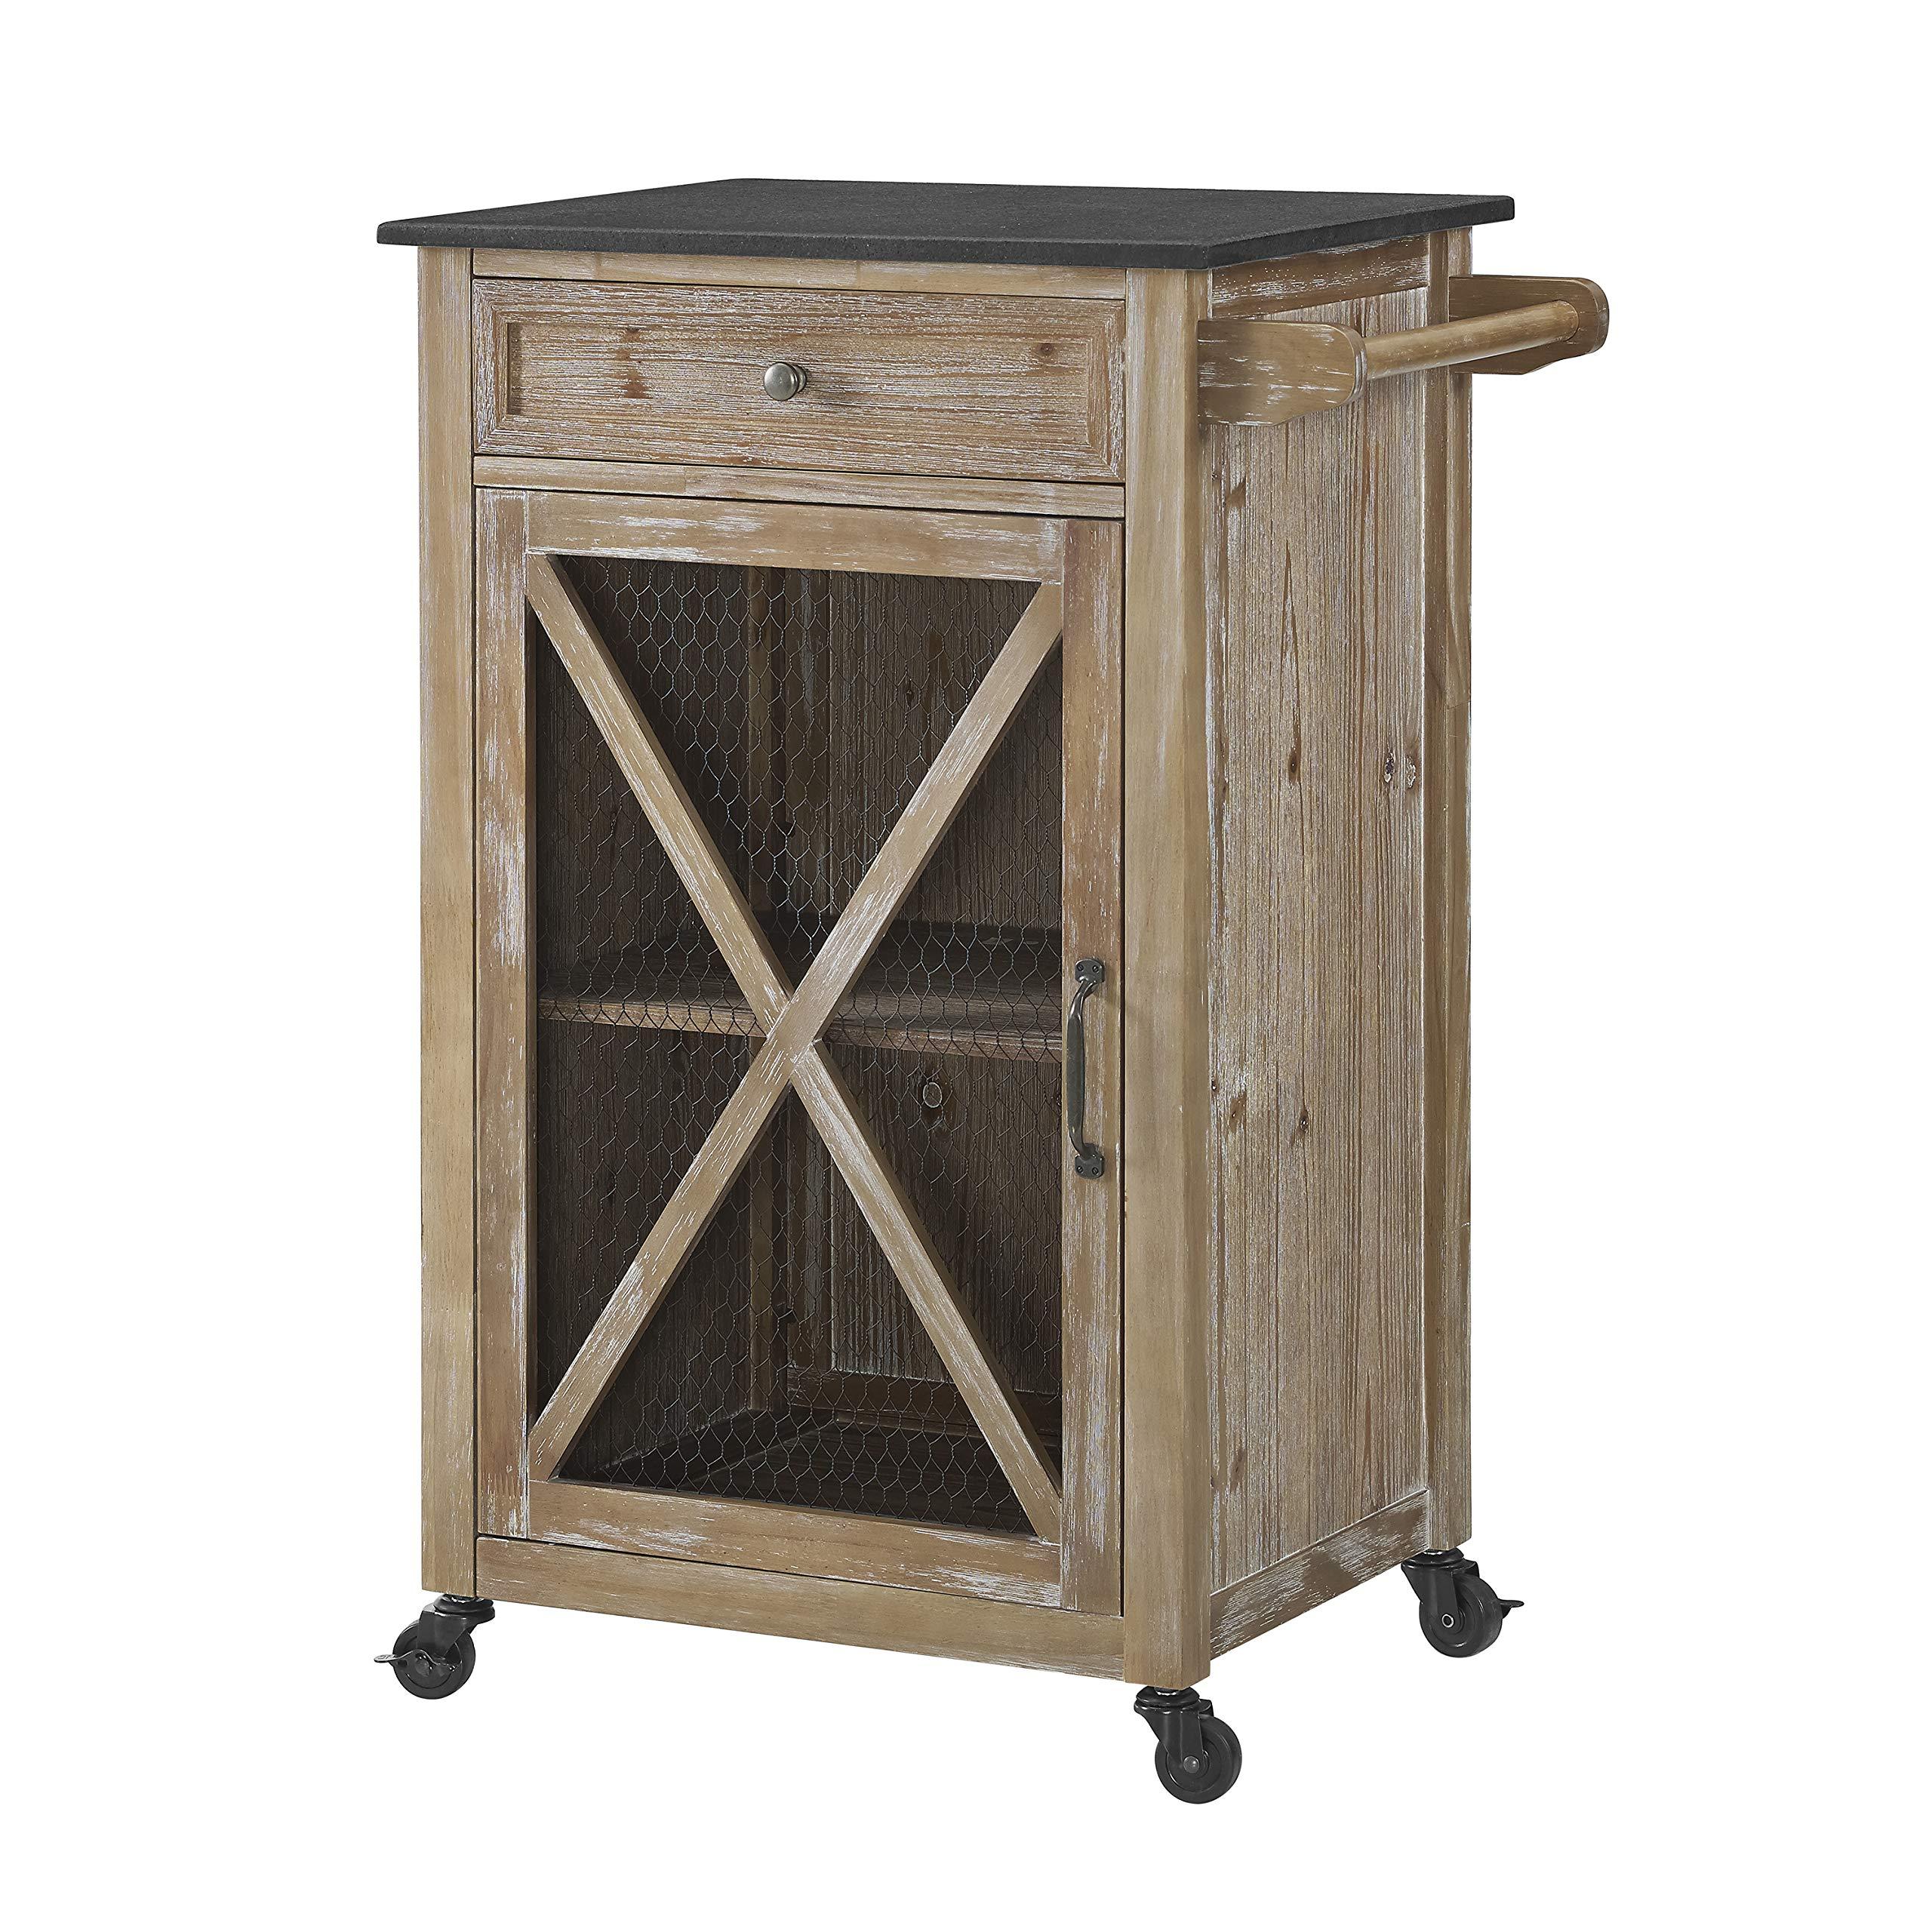 Linon Home Décor AMZN1303 Carpenter Kitchen EZ Assembly Cart, Rustic Brown